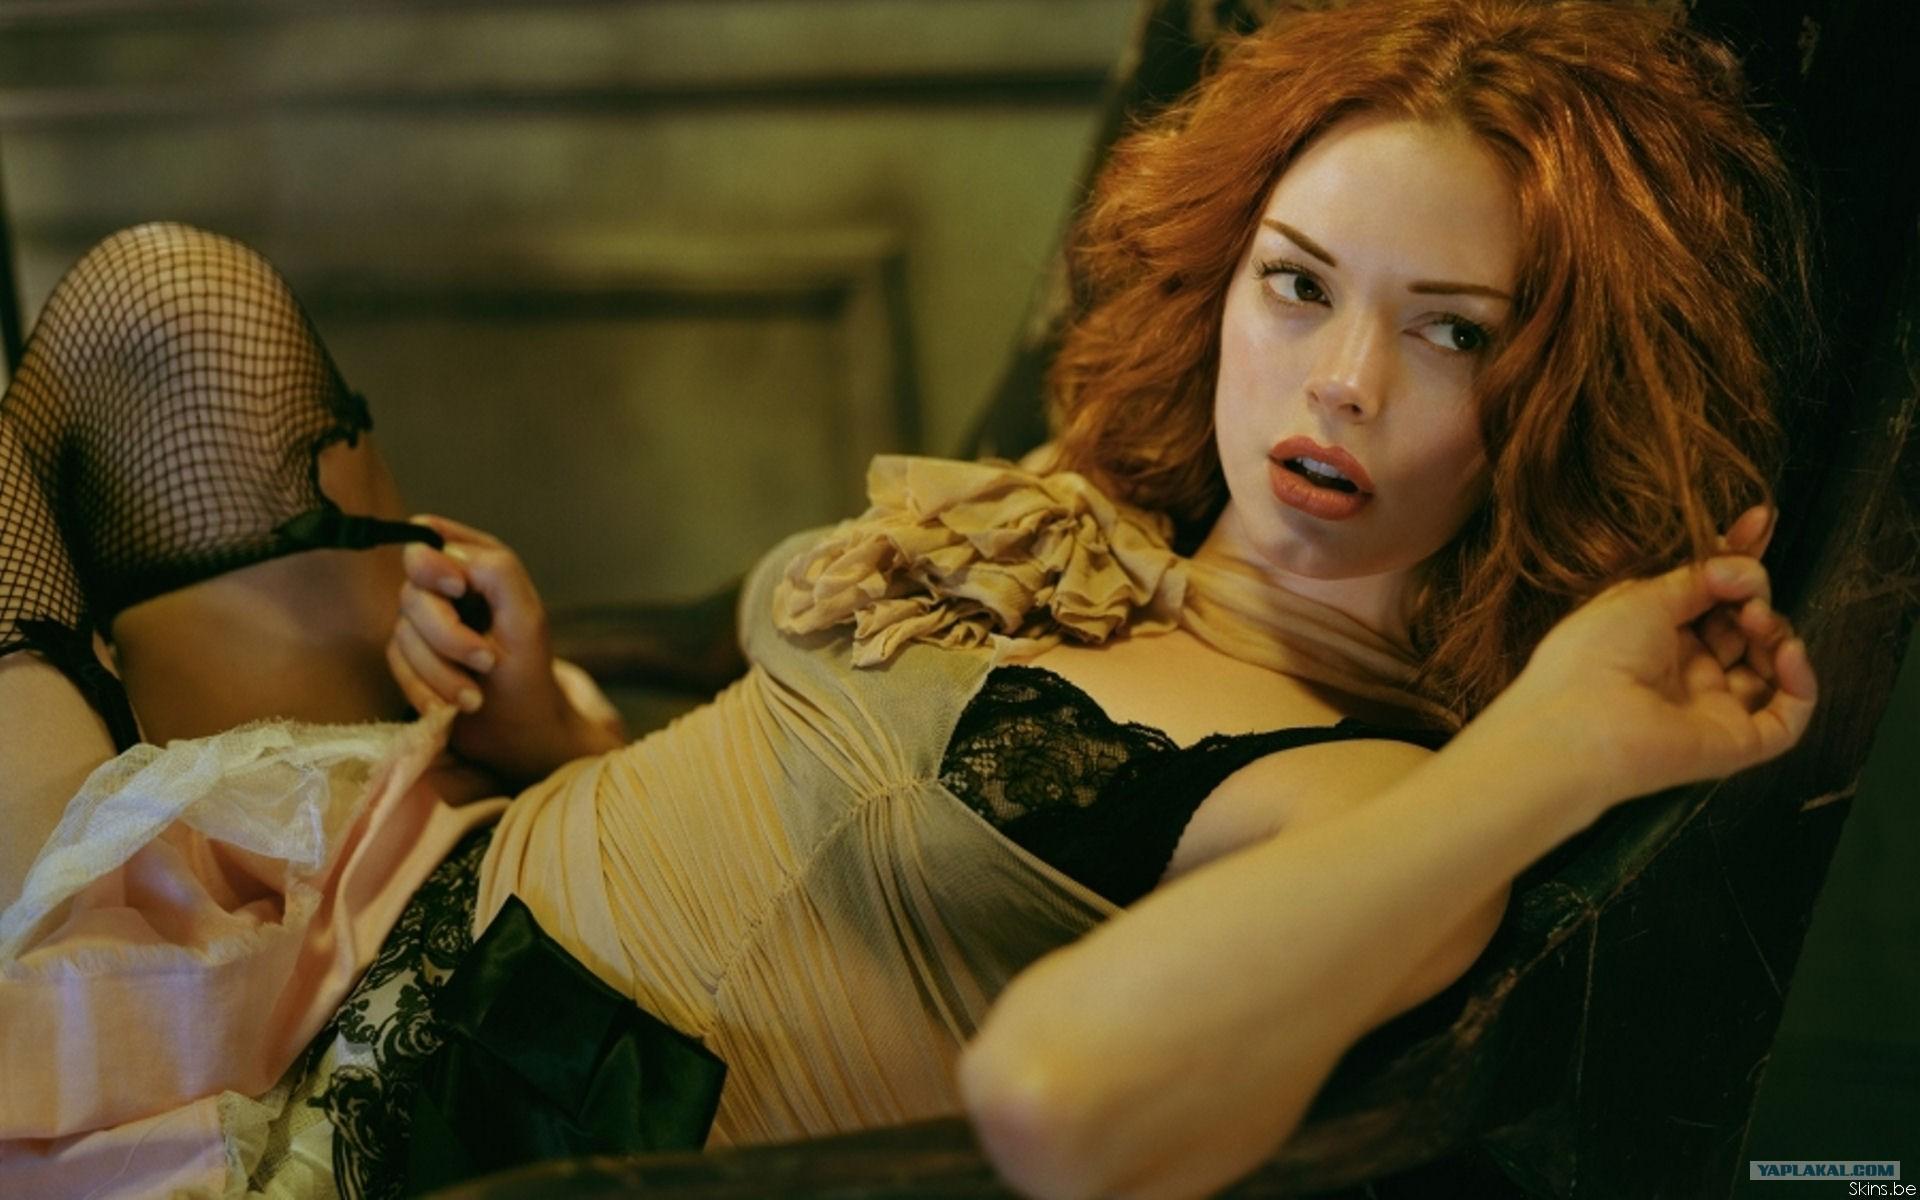 Найти порно актрису которая снималась в порно фильме сансет бич 2